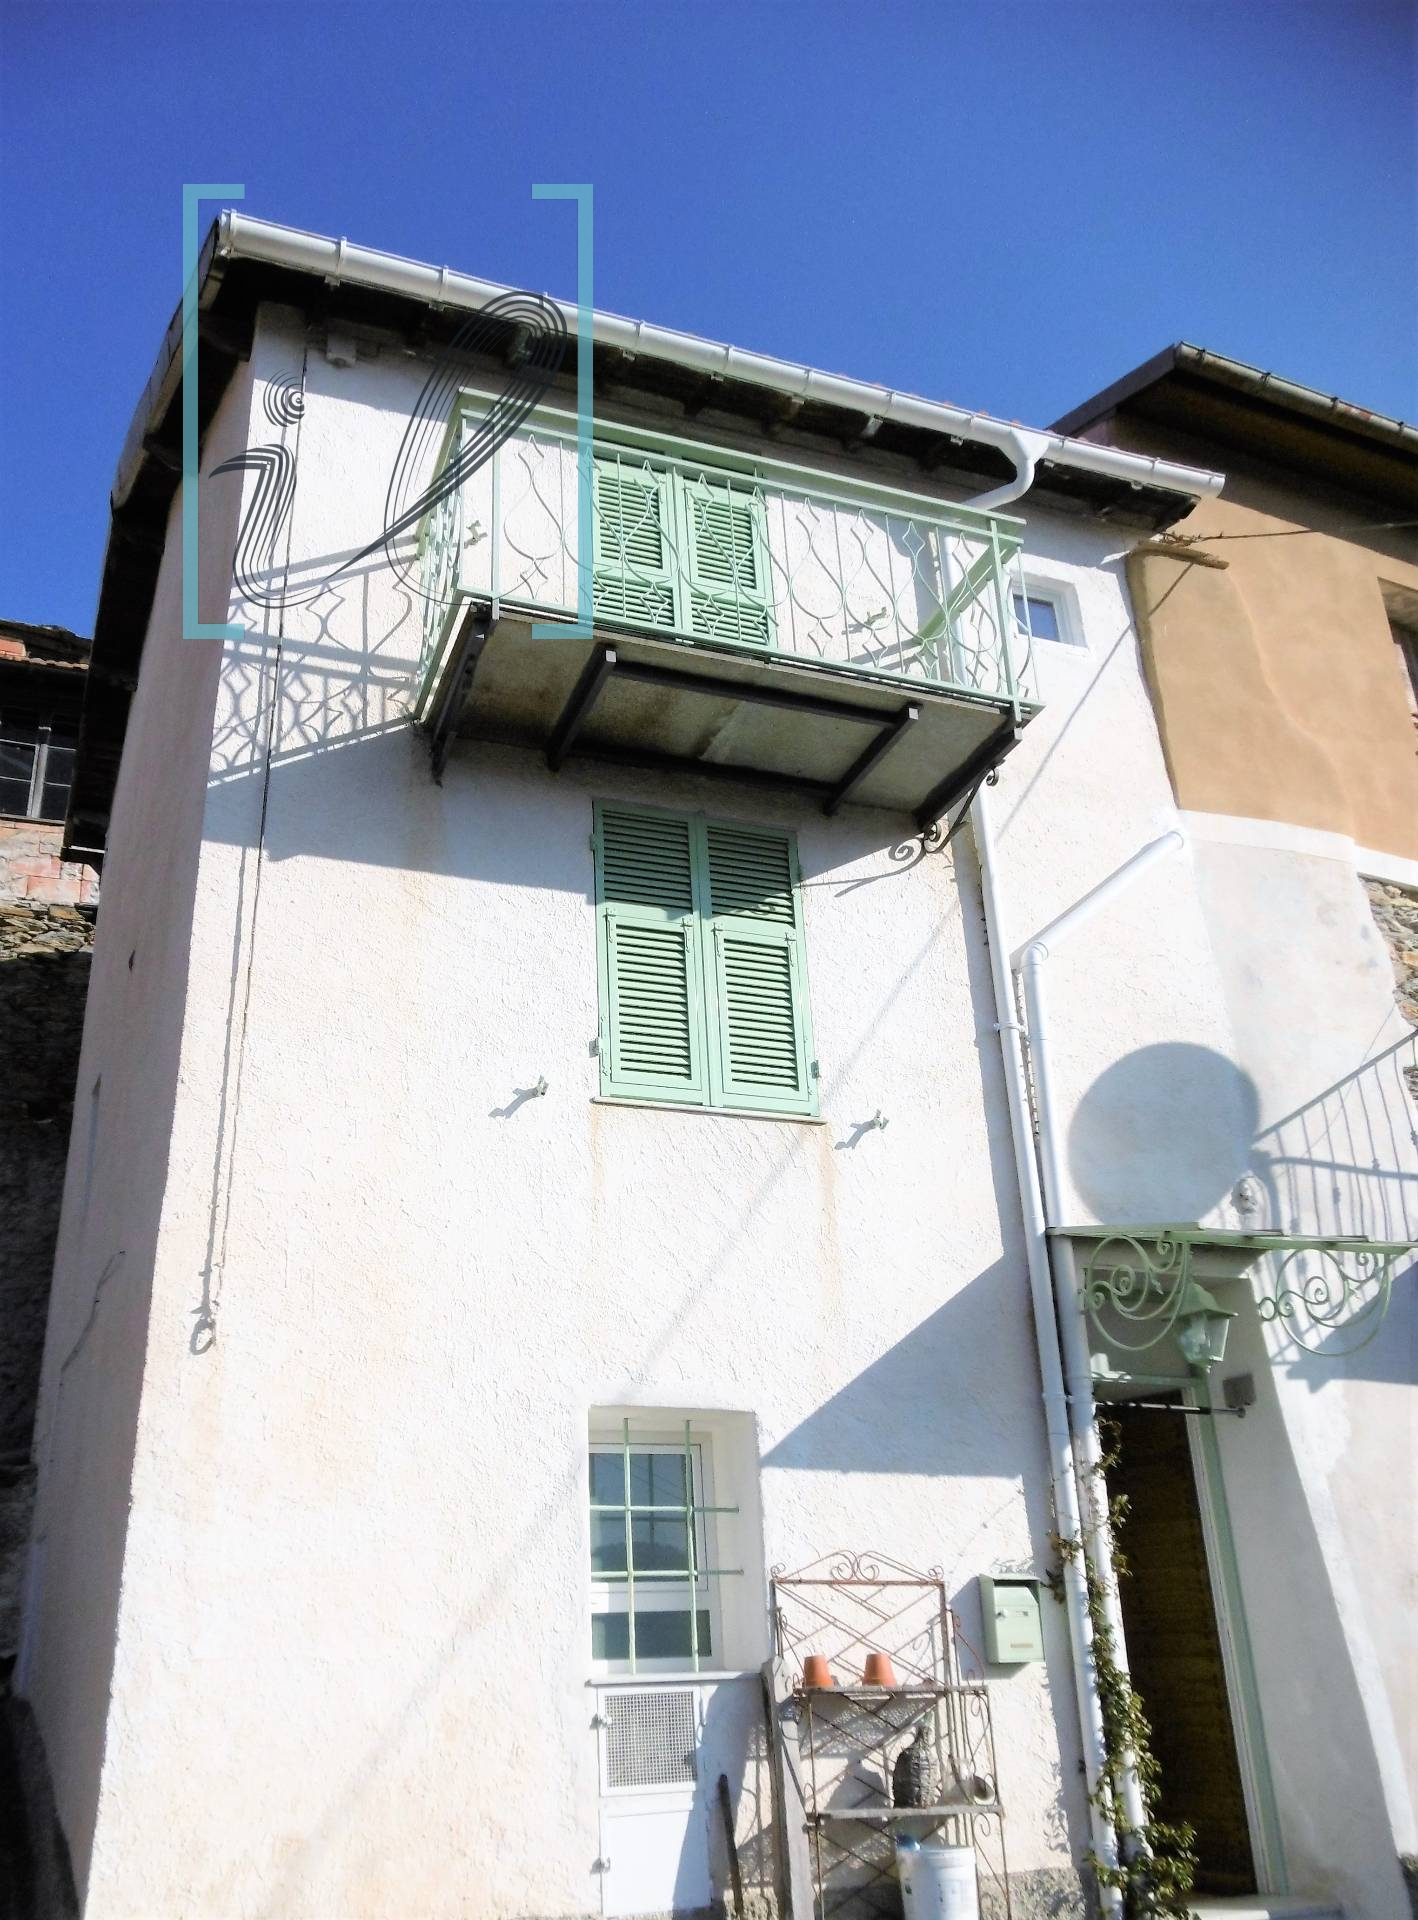 Rustico / Casale in vendita a Borghetto d'Arroscia, 3 locali, prezzo € 48.000 | CambioCasa.it